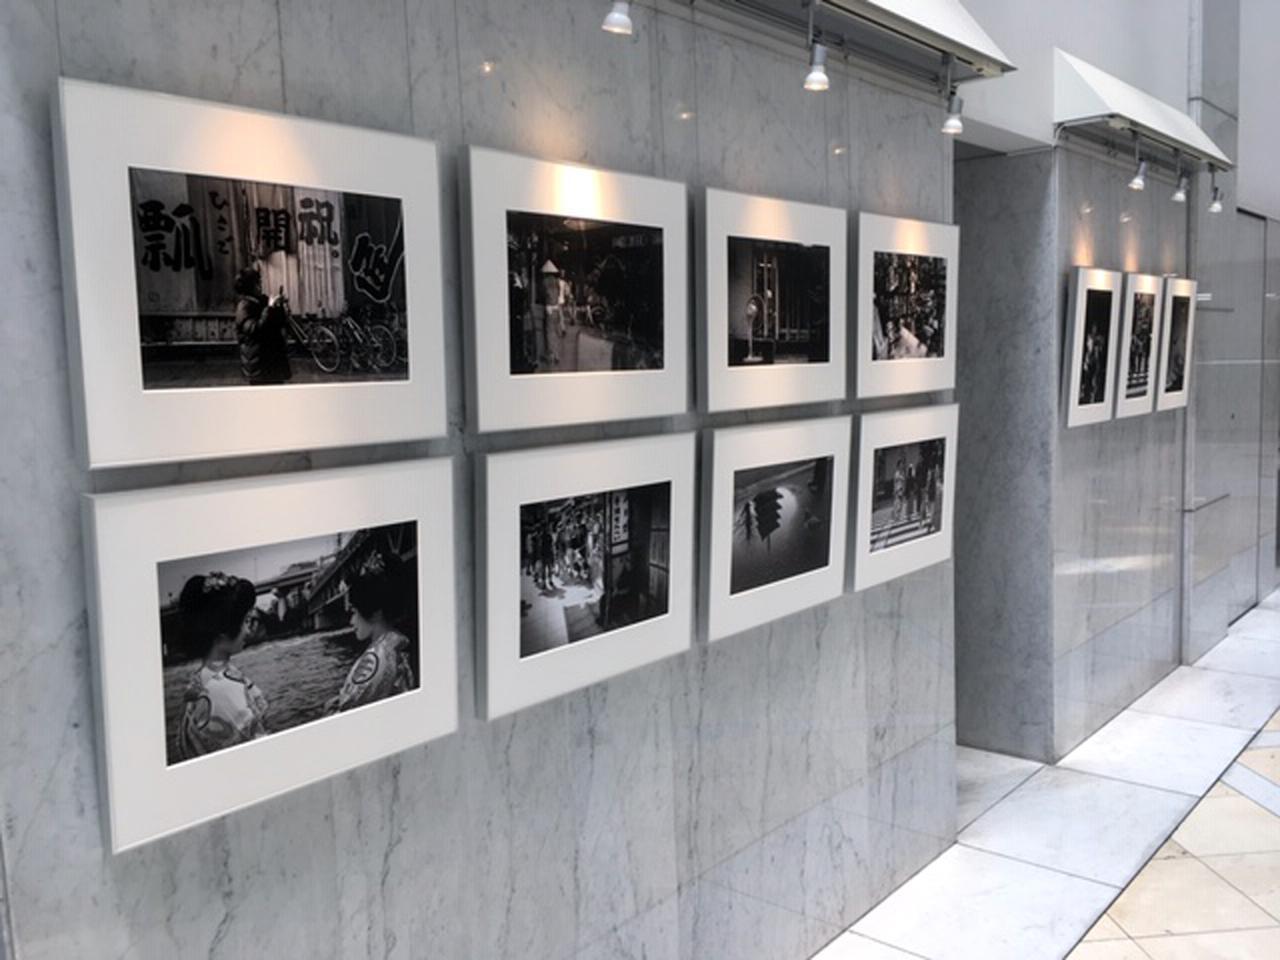 画像2: 写真家親子の競演です。元・日本写真家協会会長の熊切圭介氏と、ご子息の熊切大輔氏がロングラン個展を始めています。